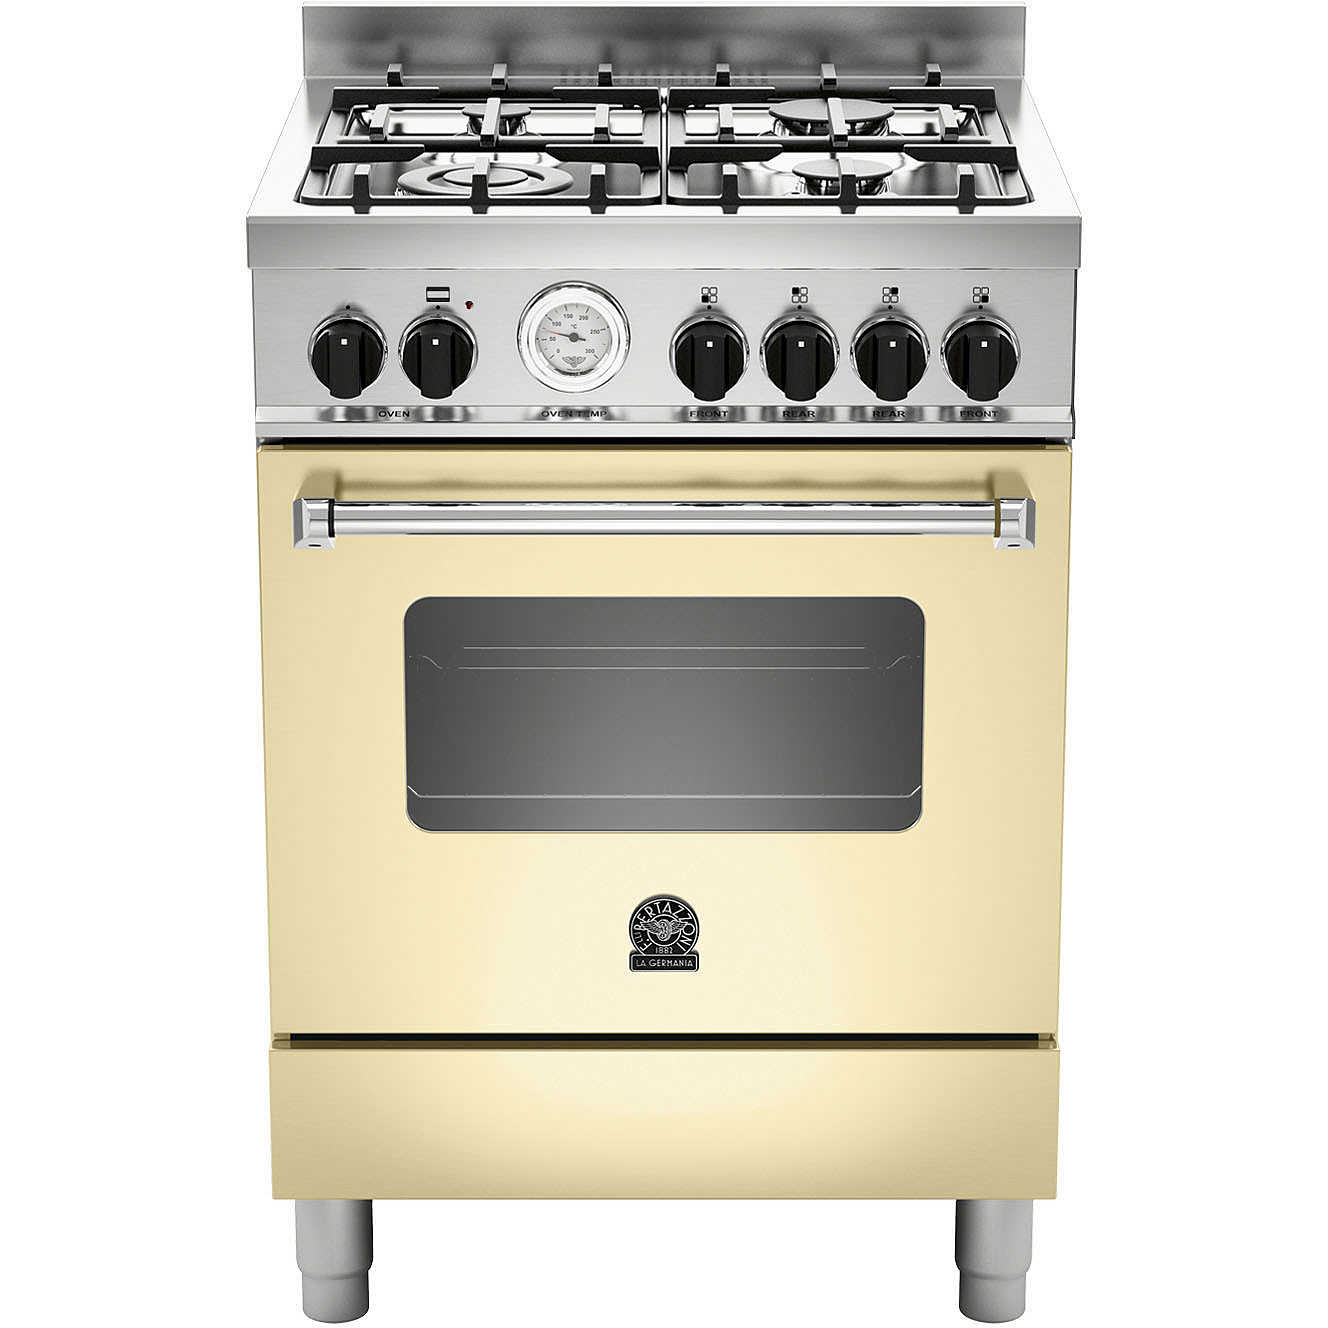 AMN604GEVSCRT La Germania cucina 60x60 4 fuochi a gas forno gas ...